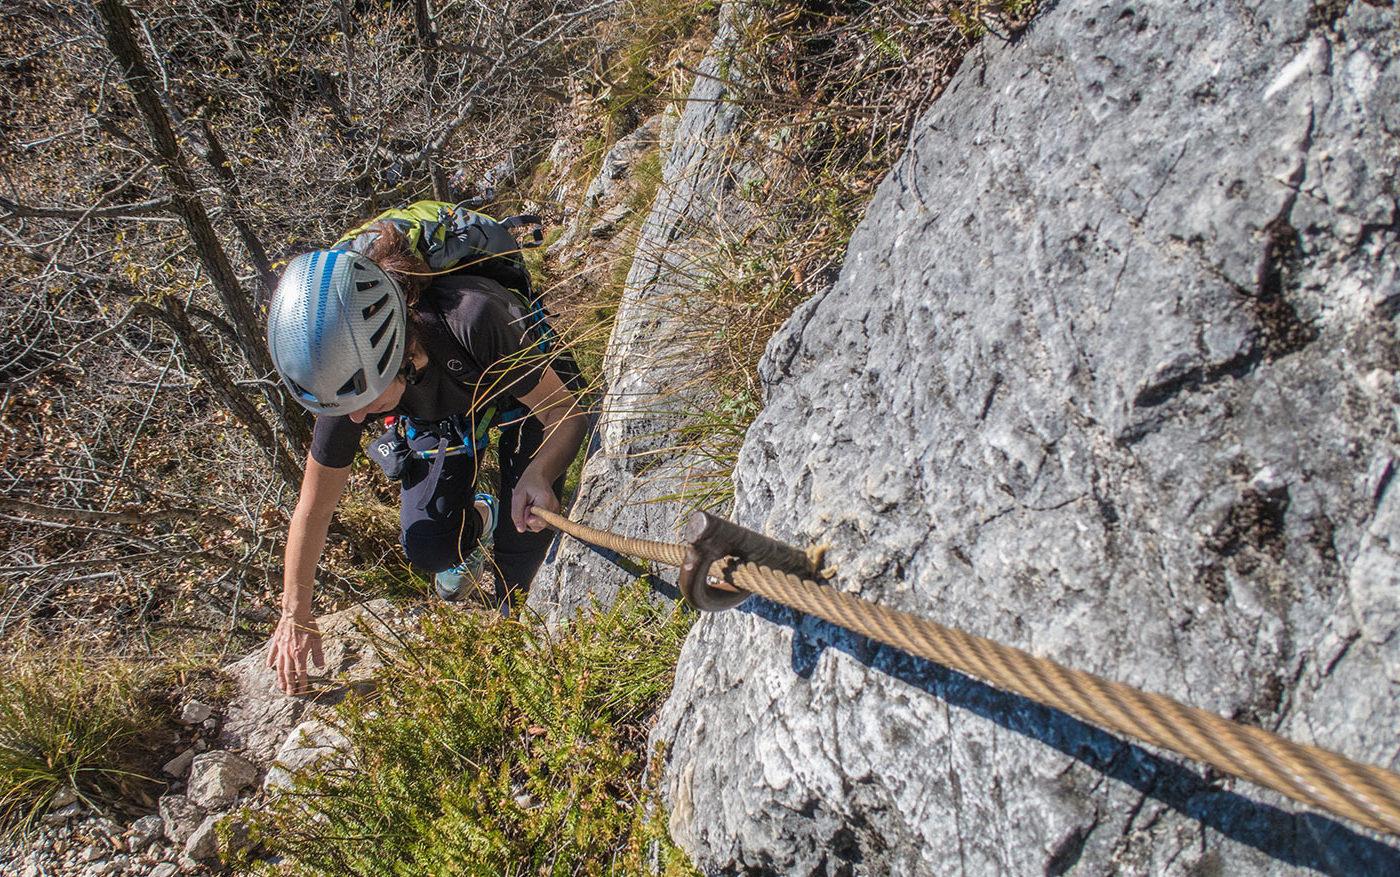 Klettersteig Rucksack : Klettersteig che guevara in pietramurata im sarcatal der nähe